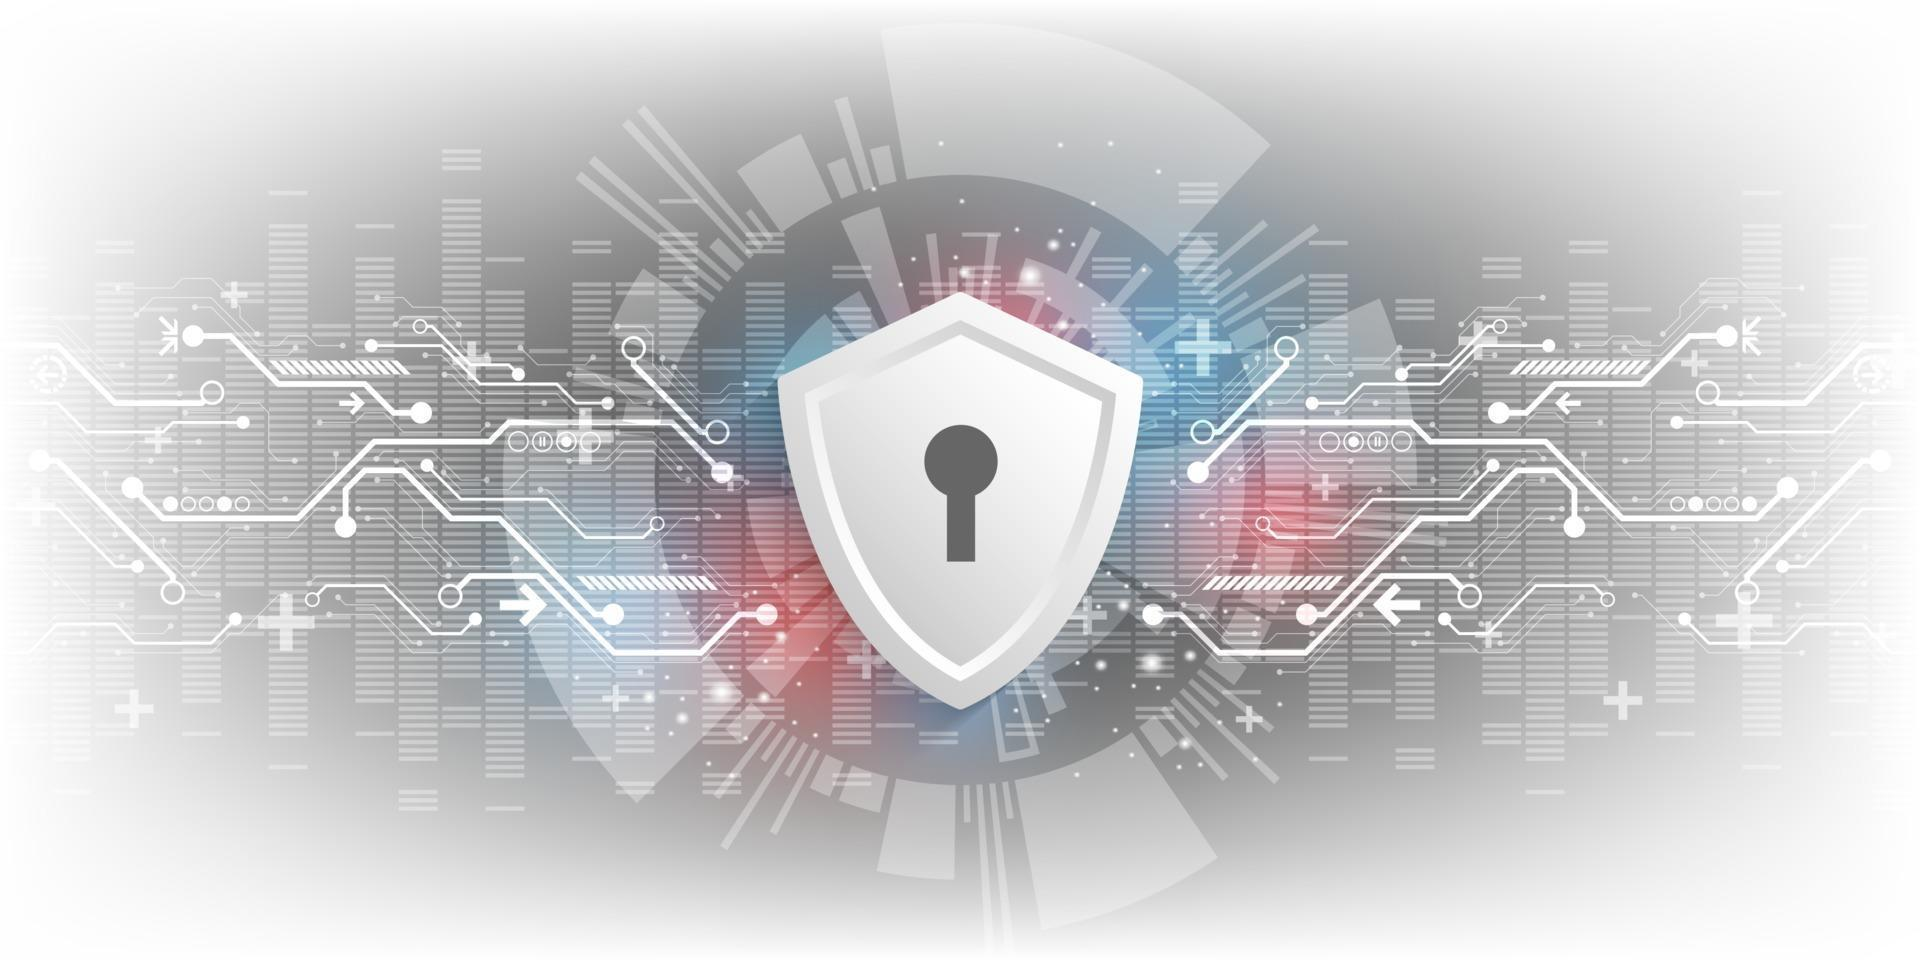 Hintergrund der Vektortechnologie im Konzept der Sicherheitssysteme. vektor